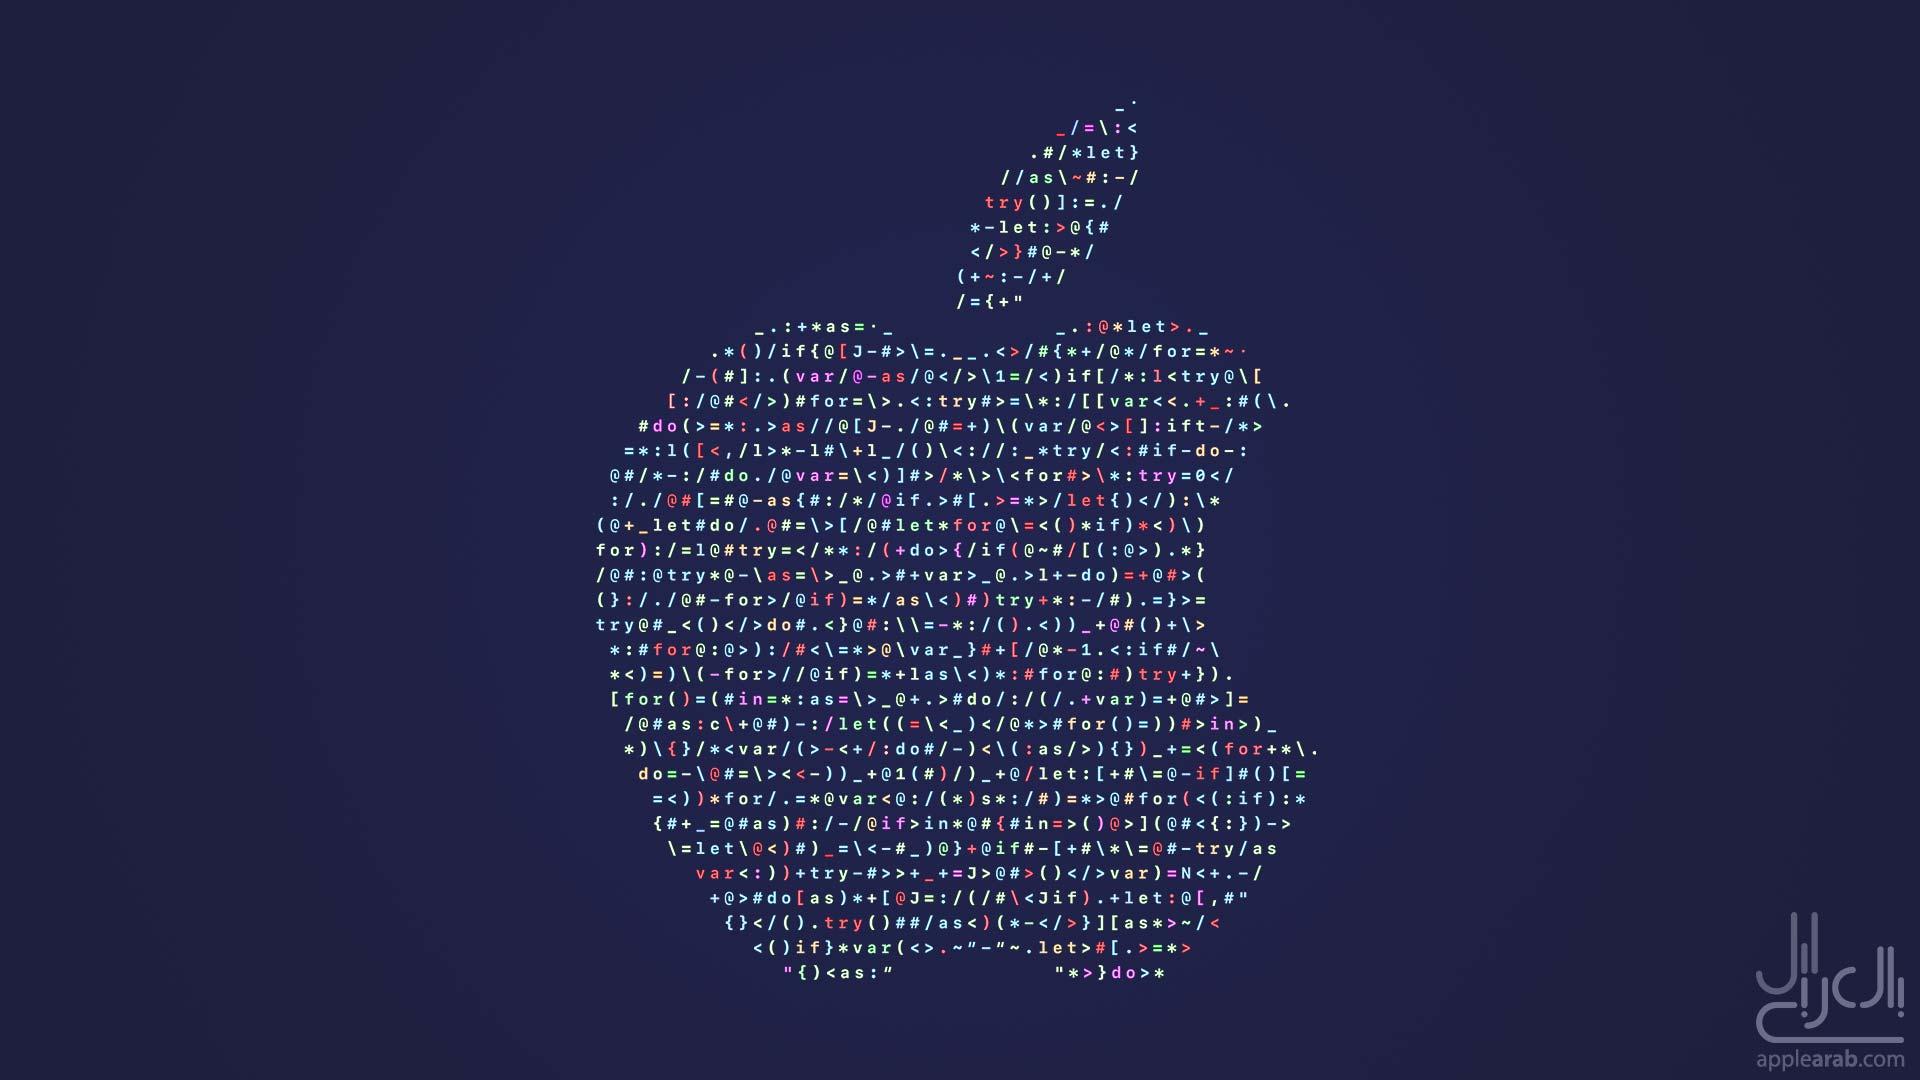 شعار Apple من كود